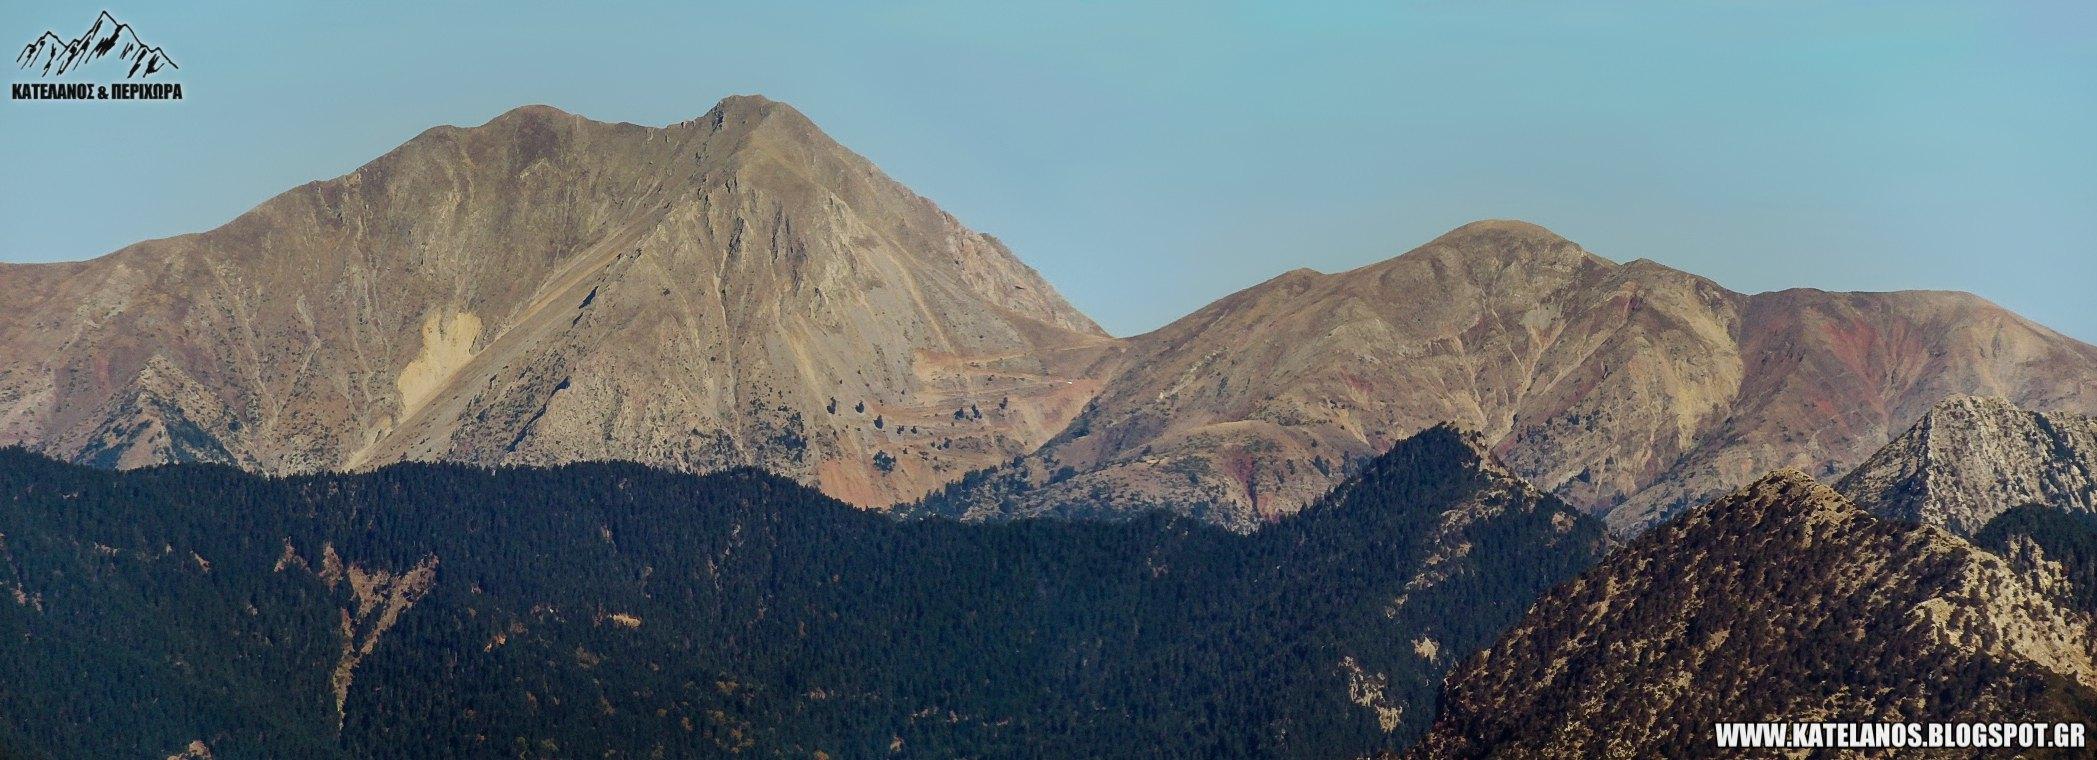 καλιακουδα βουνο ευρυτανιας νοτια πλευρα